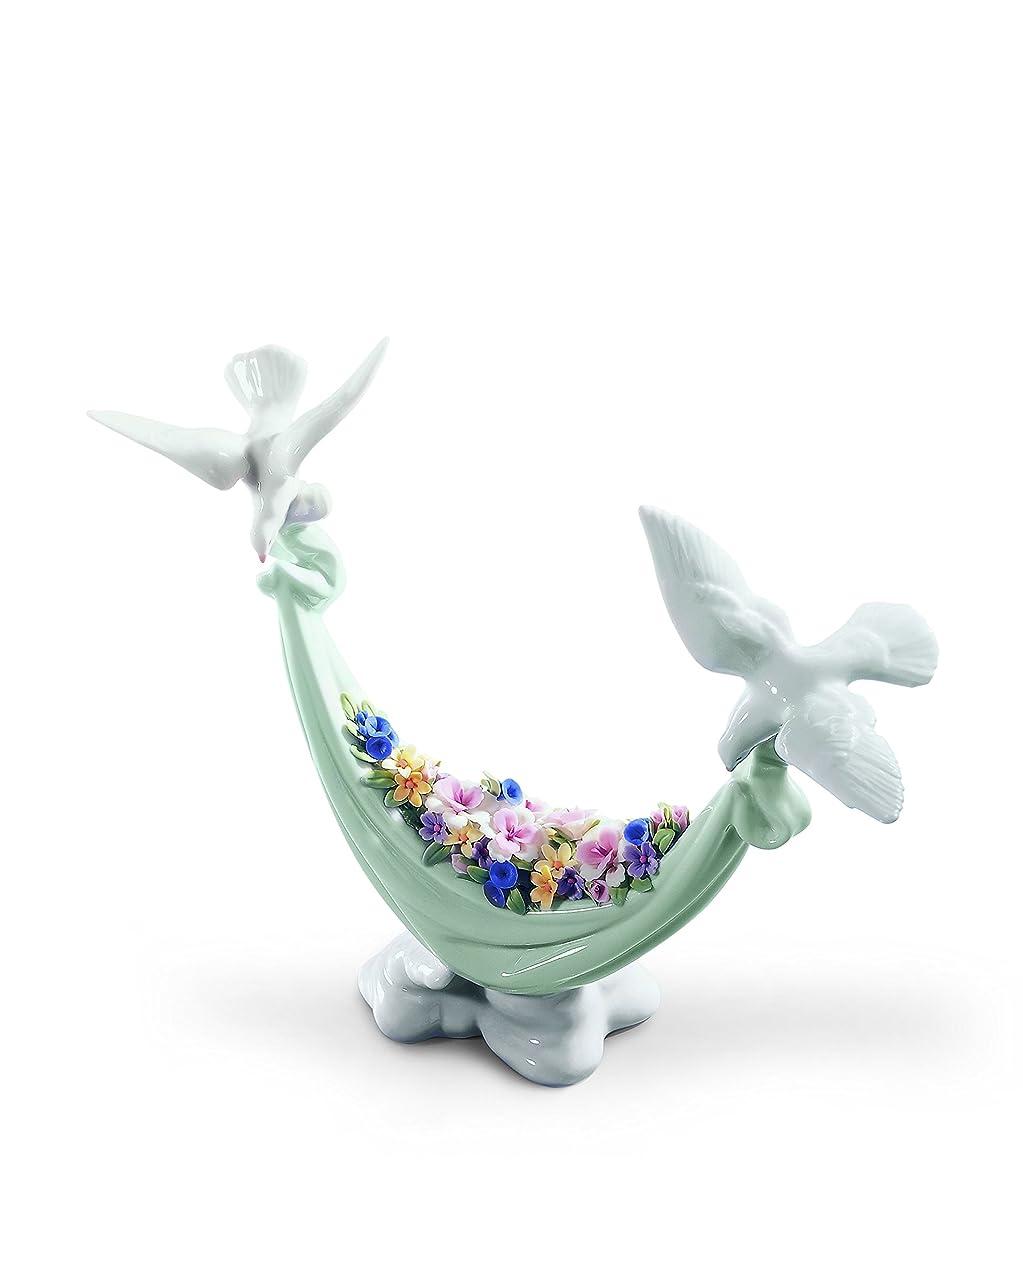 実行可能アーチ作り上げるリヤドロ LLADRó 人形 平和の花かご 01006579